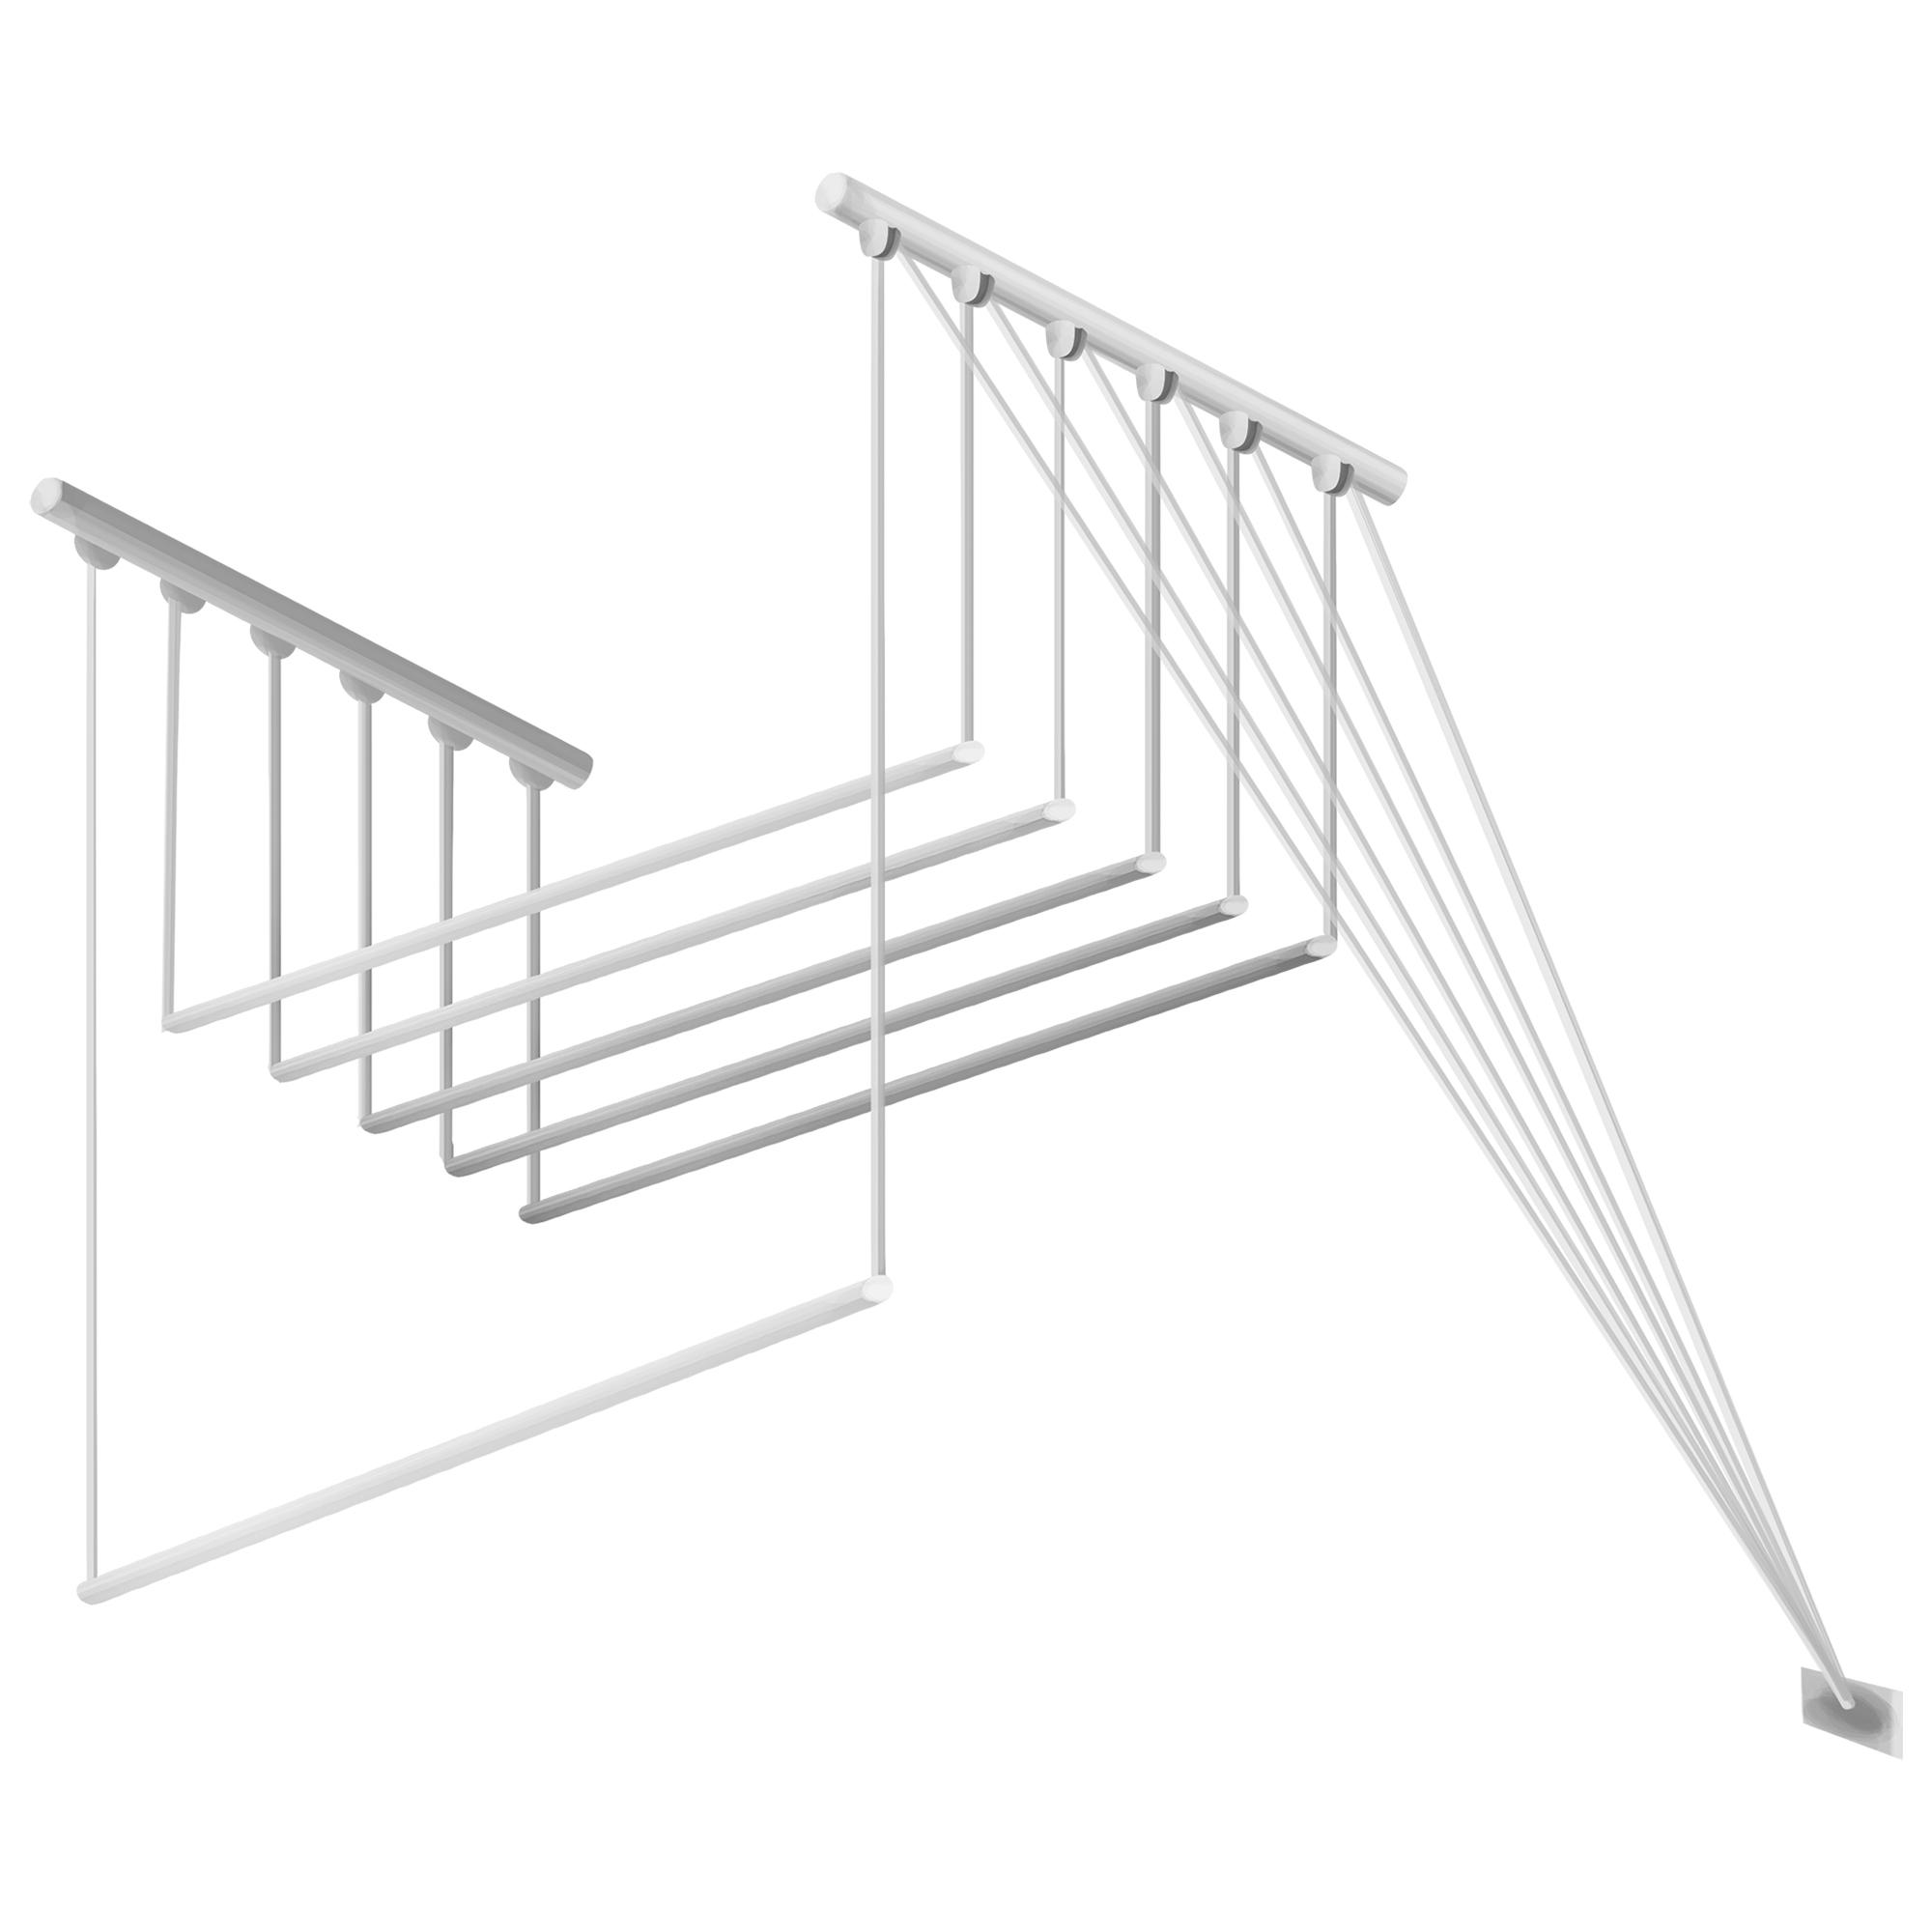 Сушилка для белья потолочная Gimi Lift 140, 8.4 м